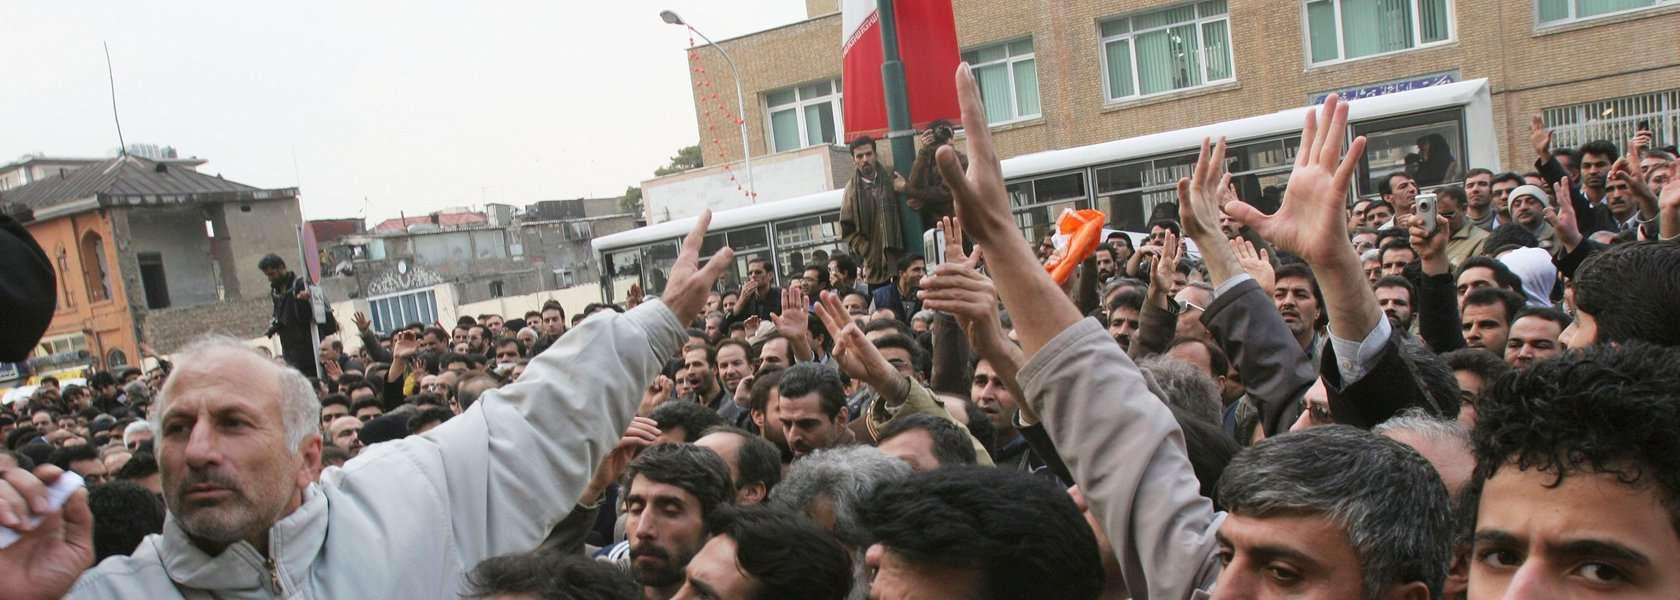 وضعیت حقوق کارگران و سرکوب فعالان سندیکایی در ایران